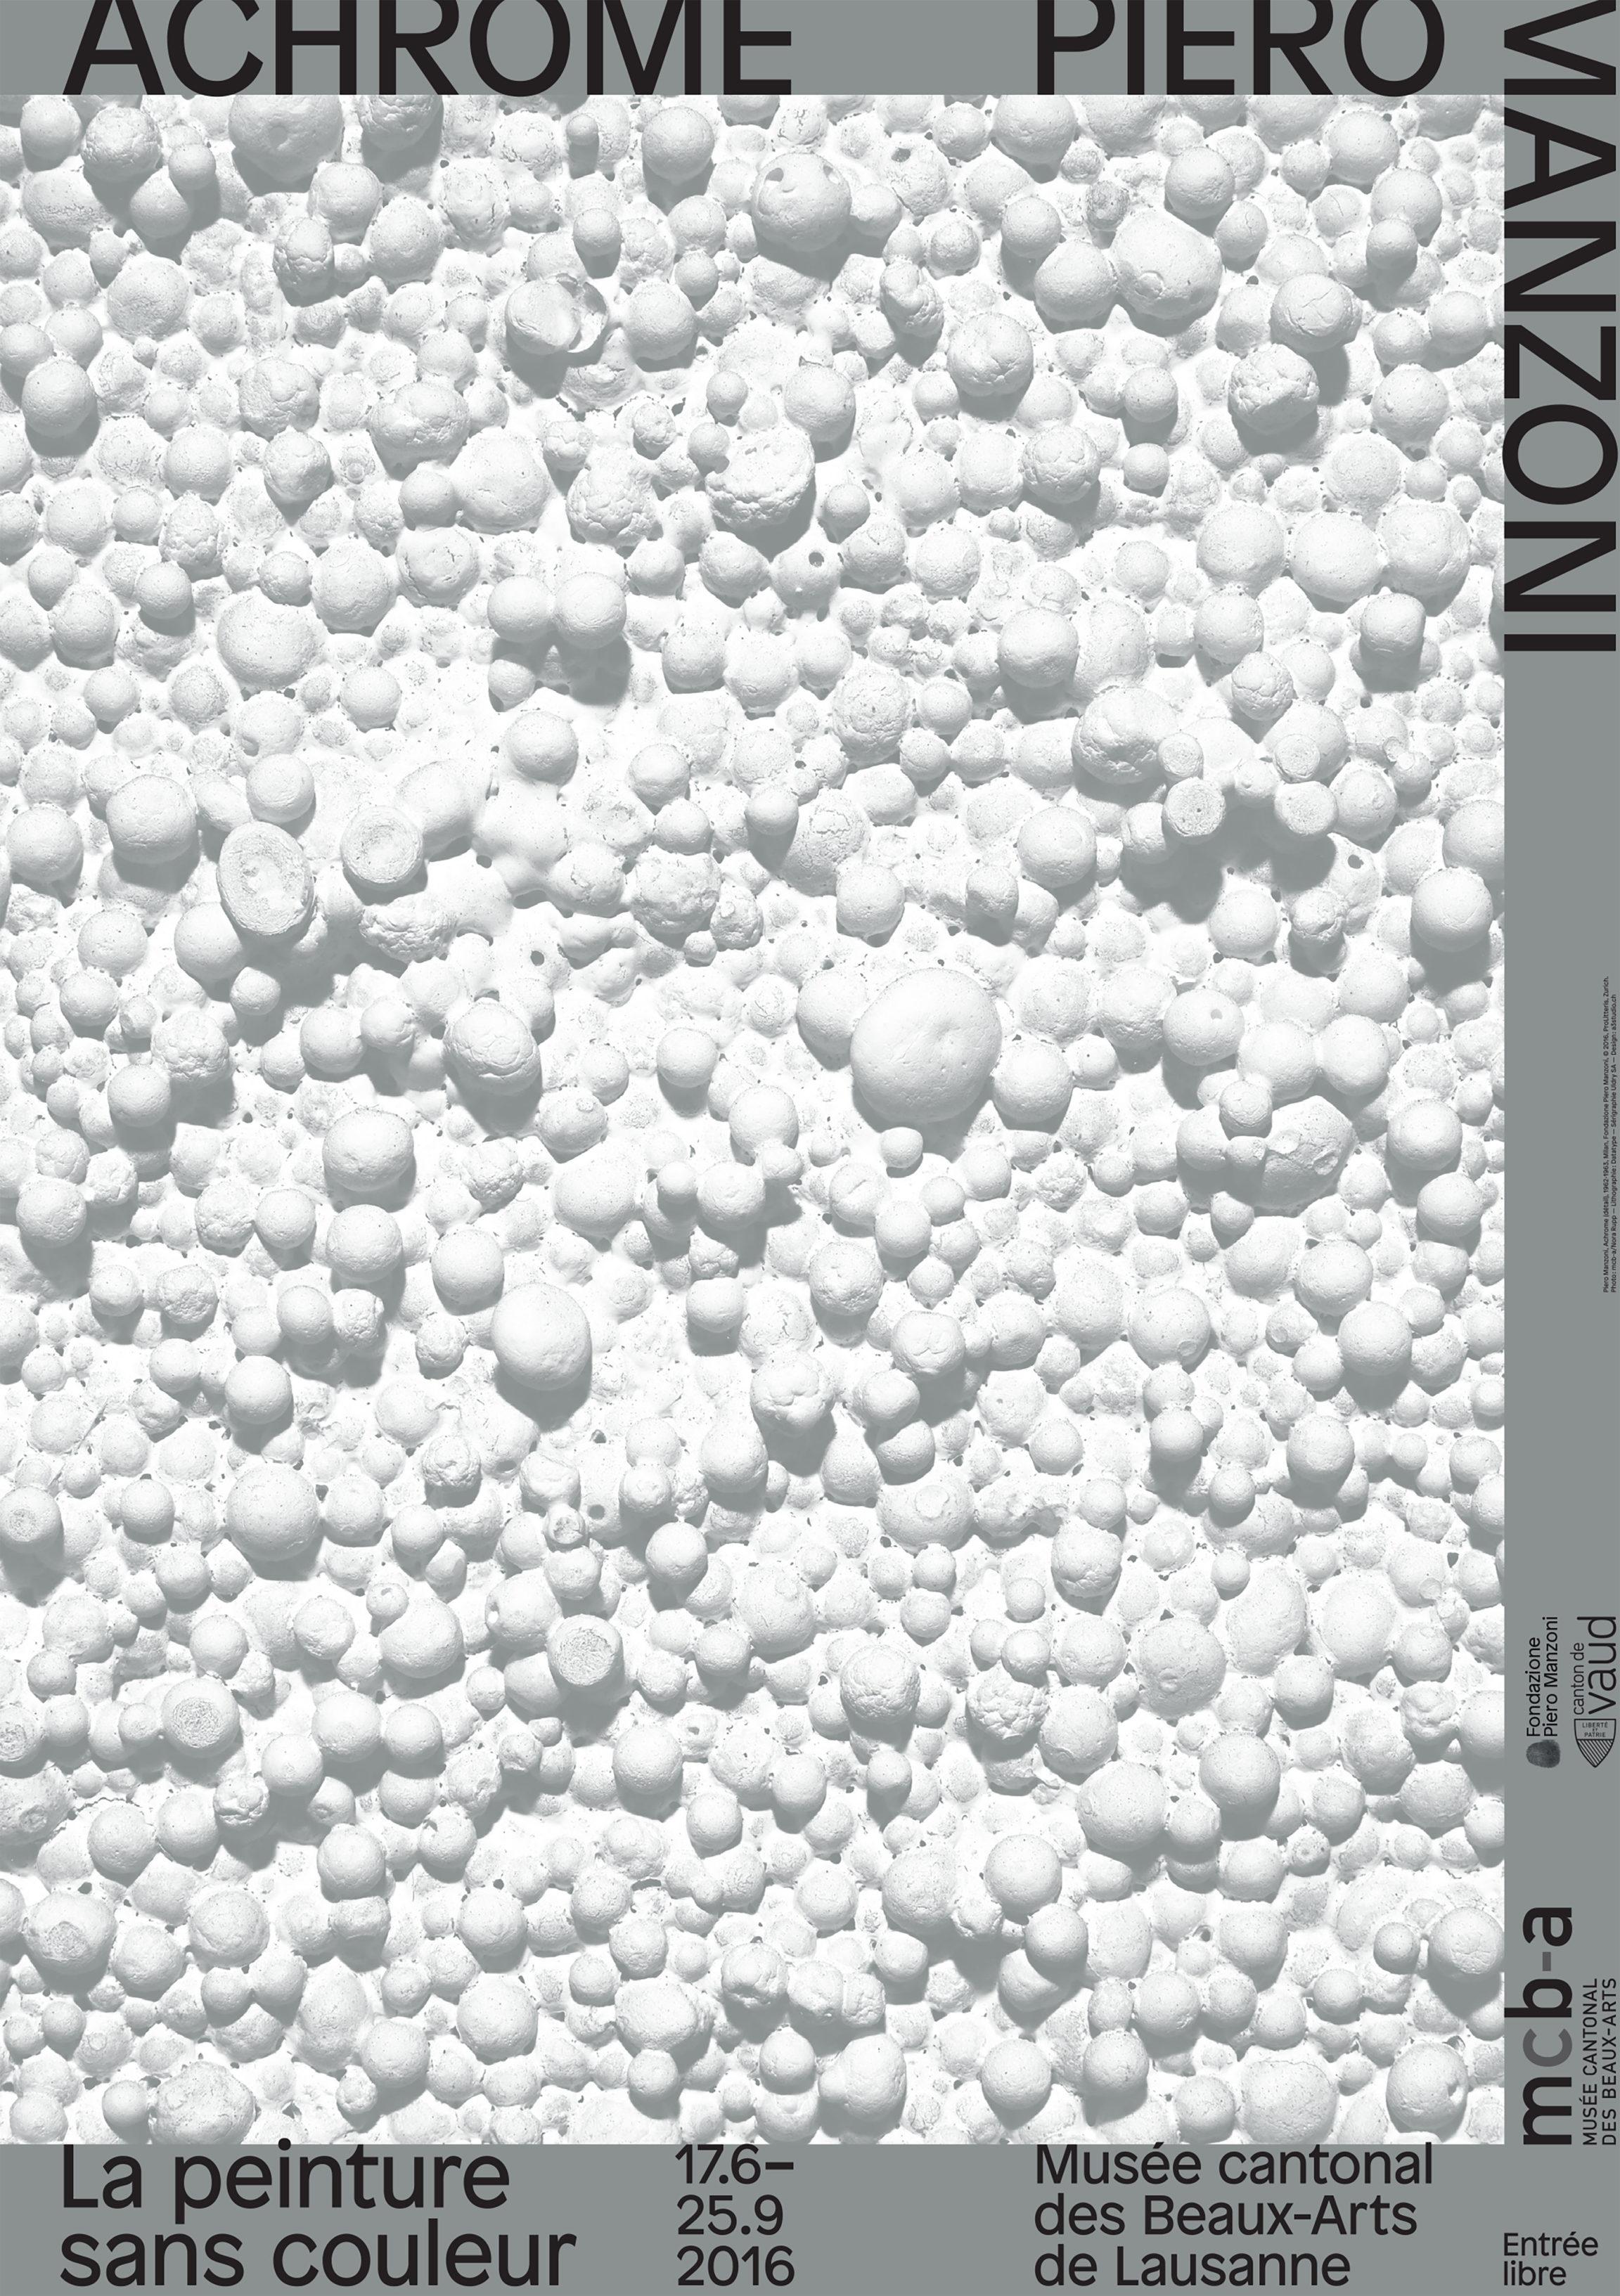 Achrome<br>Piero Manzoni, la peinture sans couleur